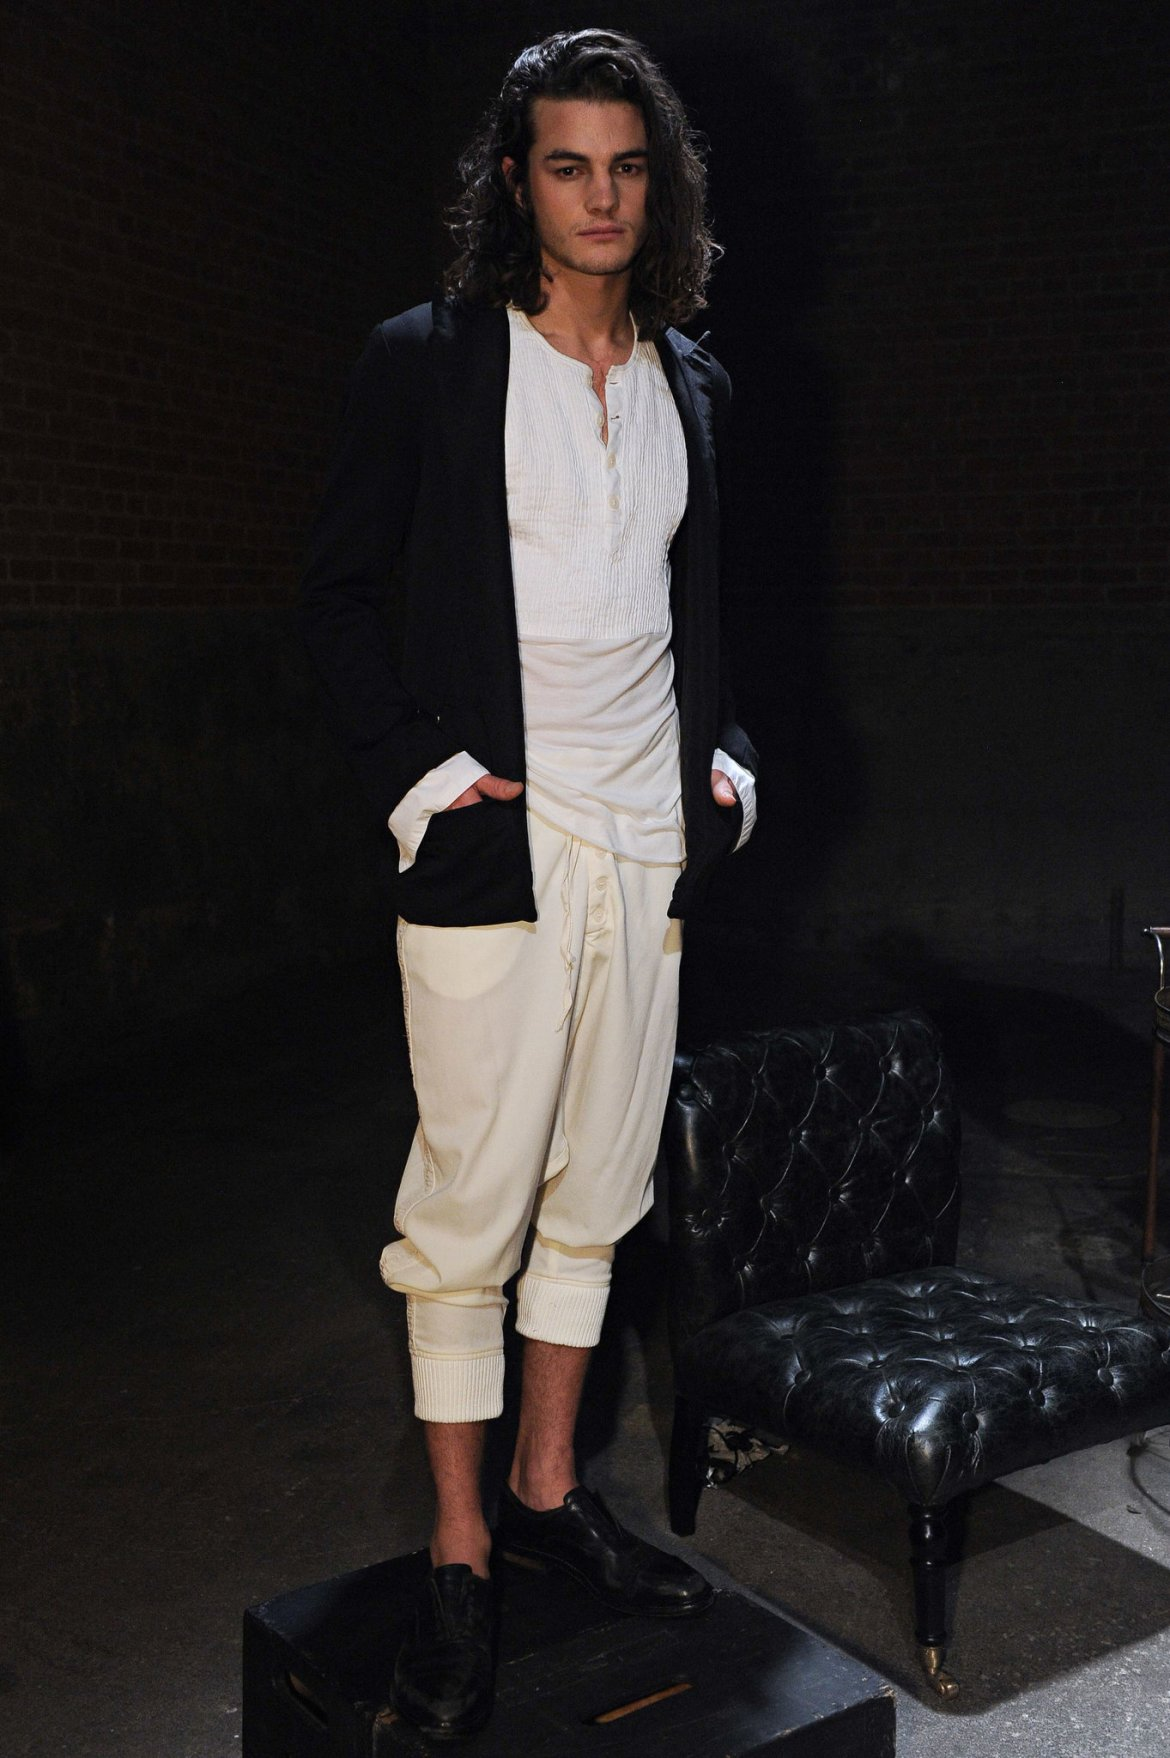 nyfwm, new york fashion week, new york fashion week mens, fashion week mens, billy reid